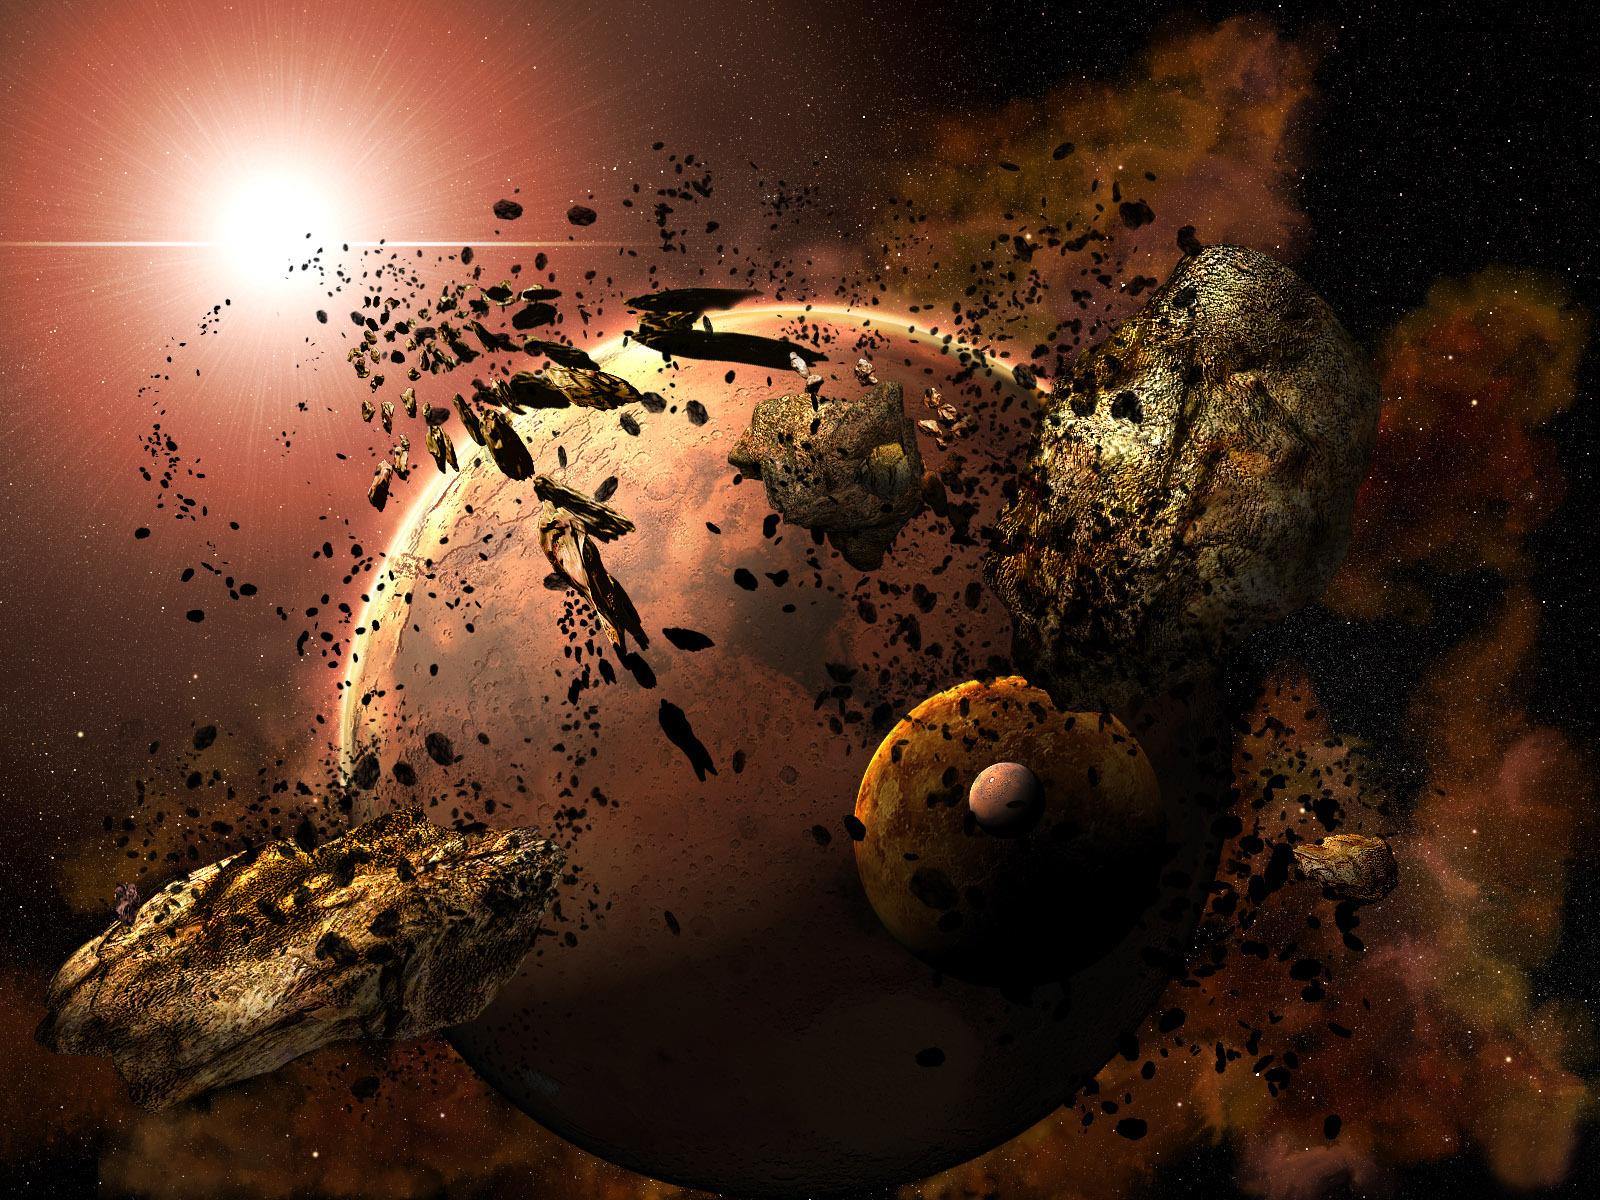 11749 скачать обои Пейзаж, Планеты, Космос, Солнце - заставки и картинки бесплатно